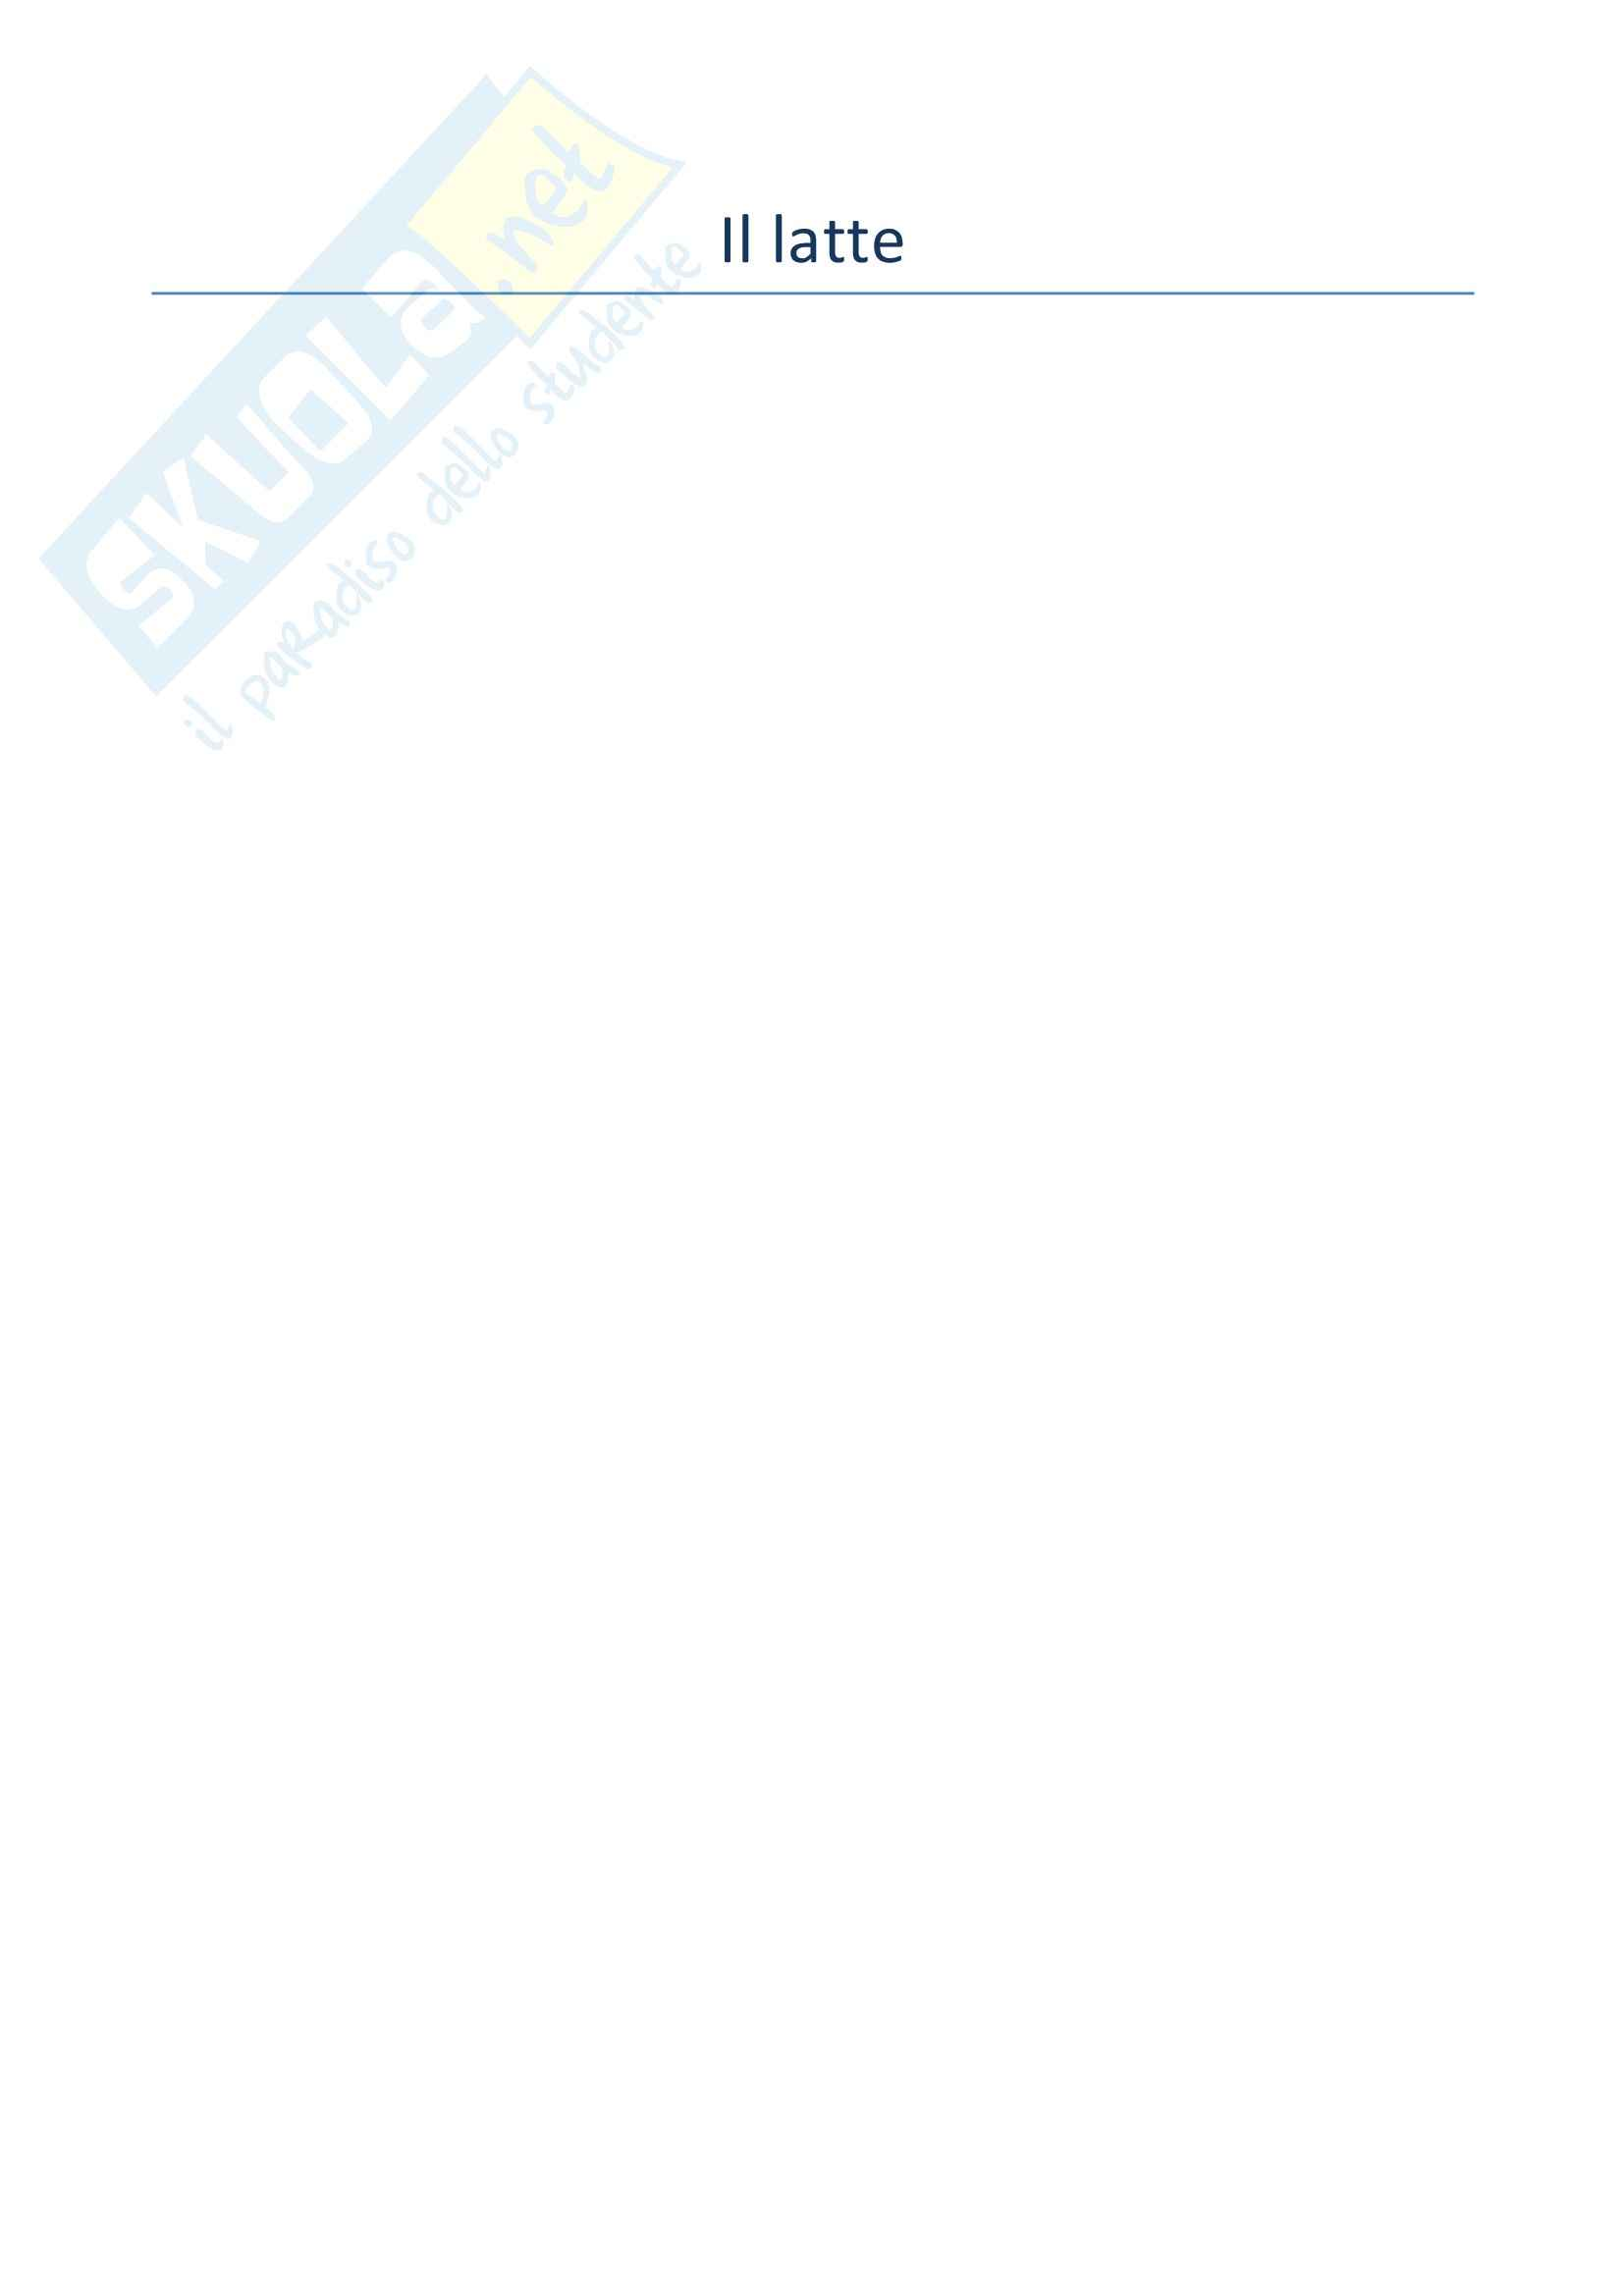 Riassunto esame Igiene, prof. Pignato, libro consigliato Igiene di Barbuti, Bellelli, Fara e Giammanco Pag. 76